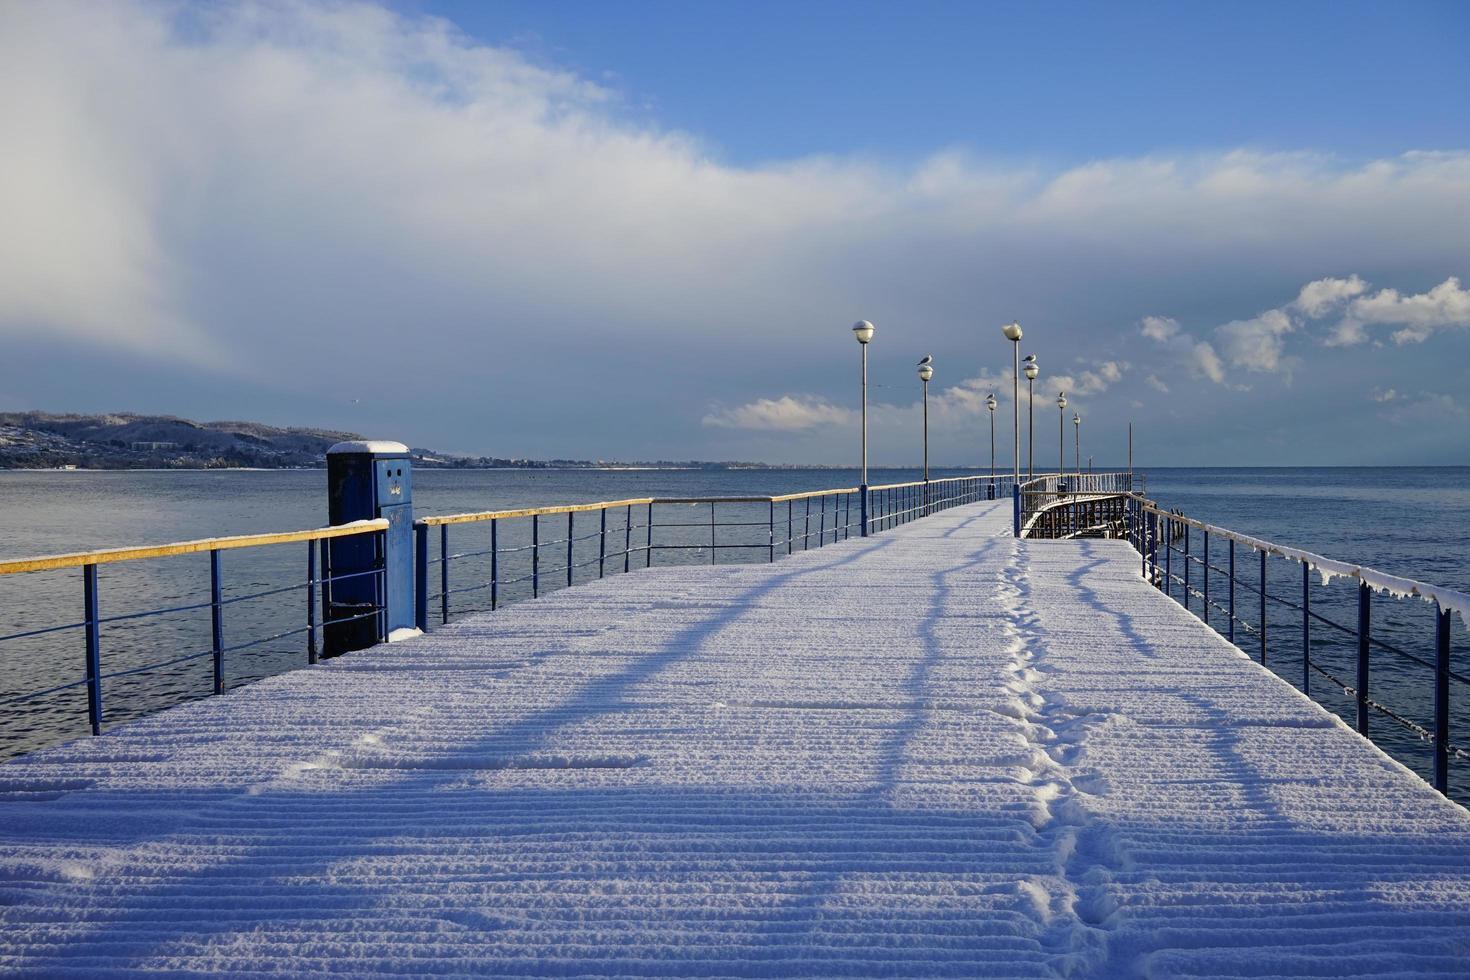 marinbåtsdocka i ett subtropiskt land under ett lager av snö foto